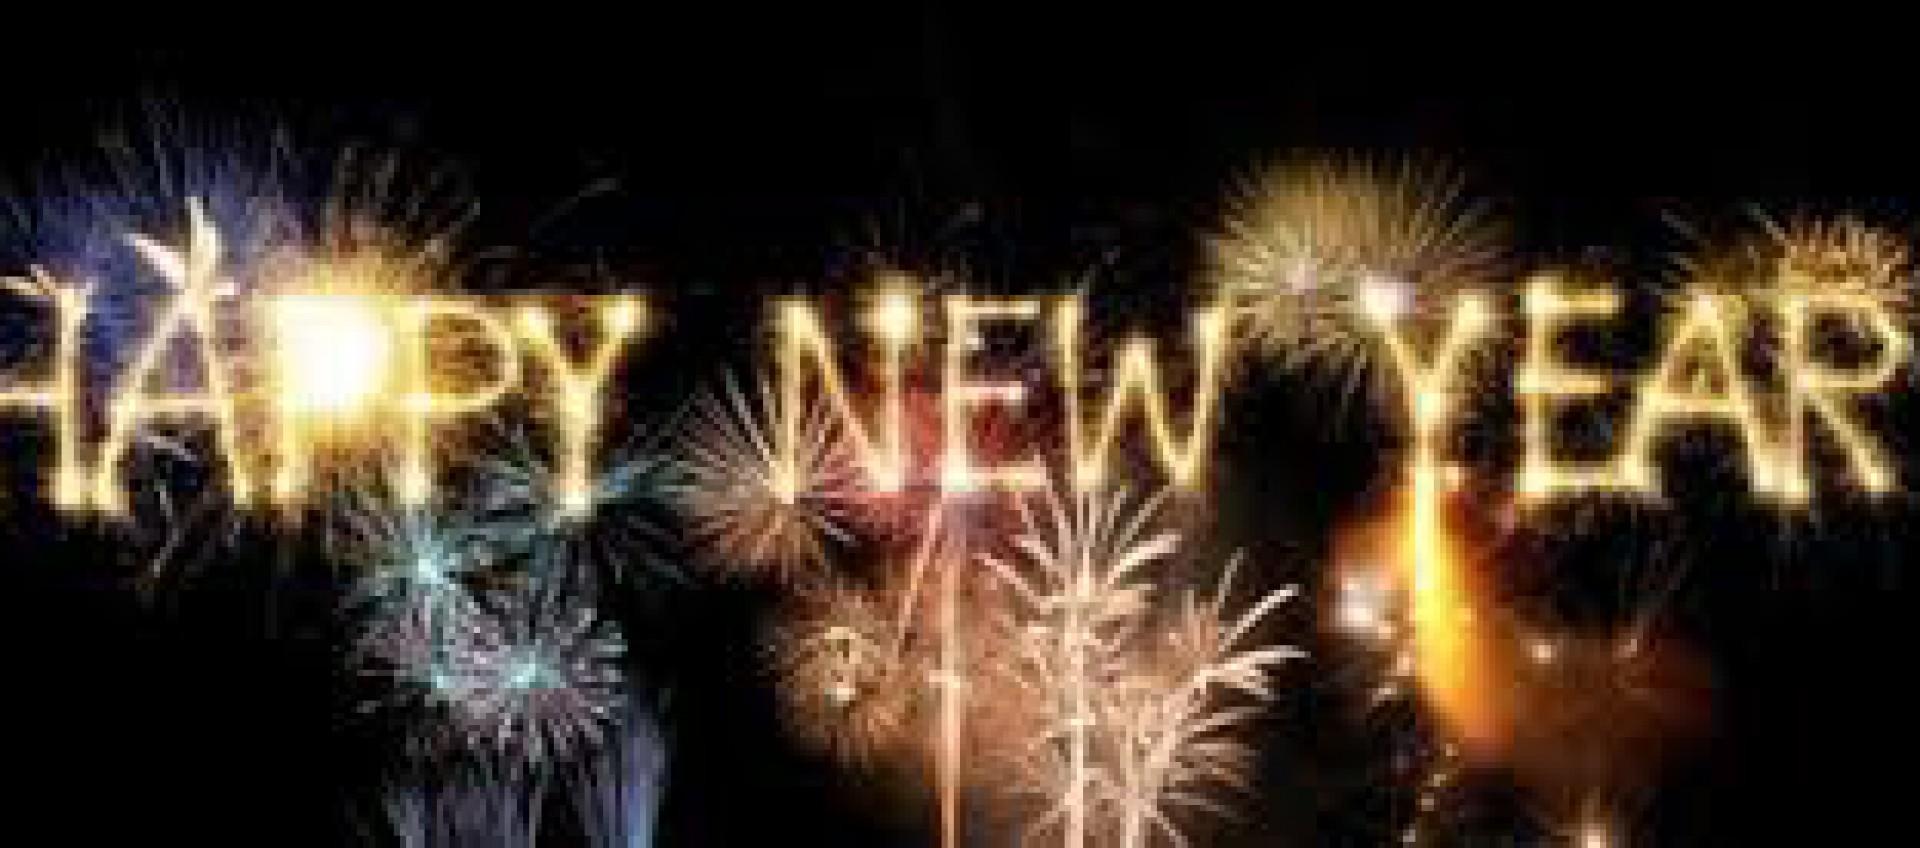 Toute l'équipe Duthoit vous souhaite une exellente année